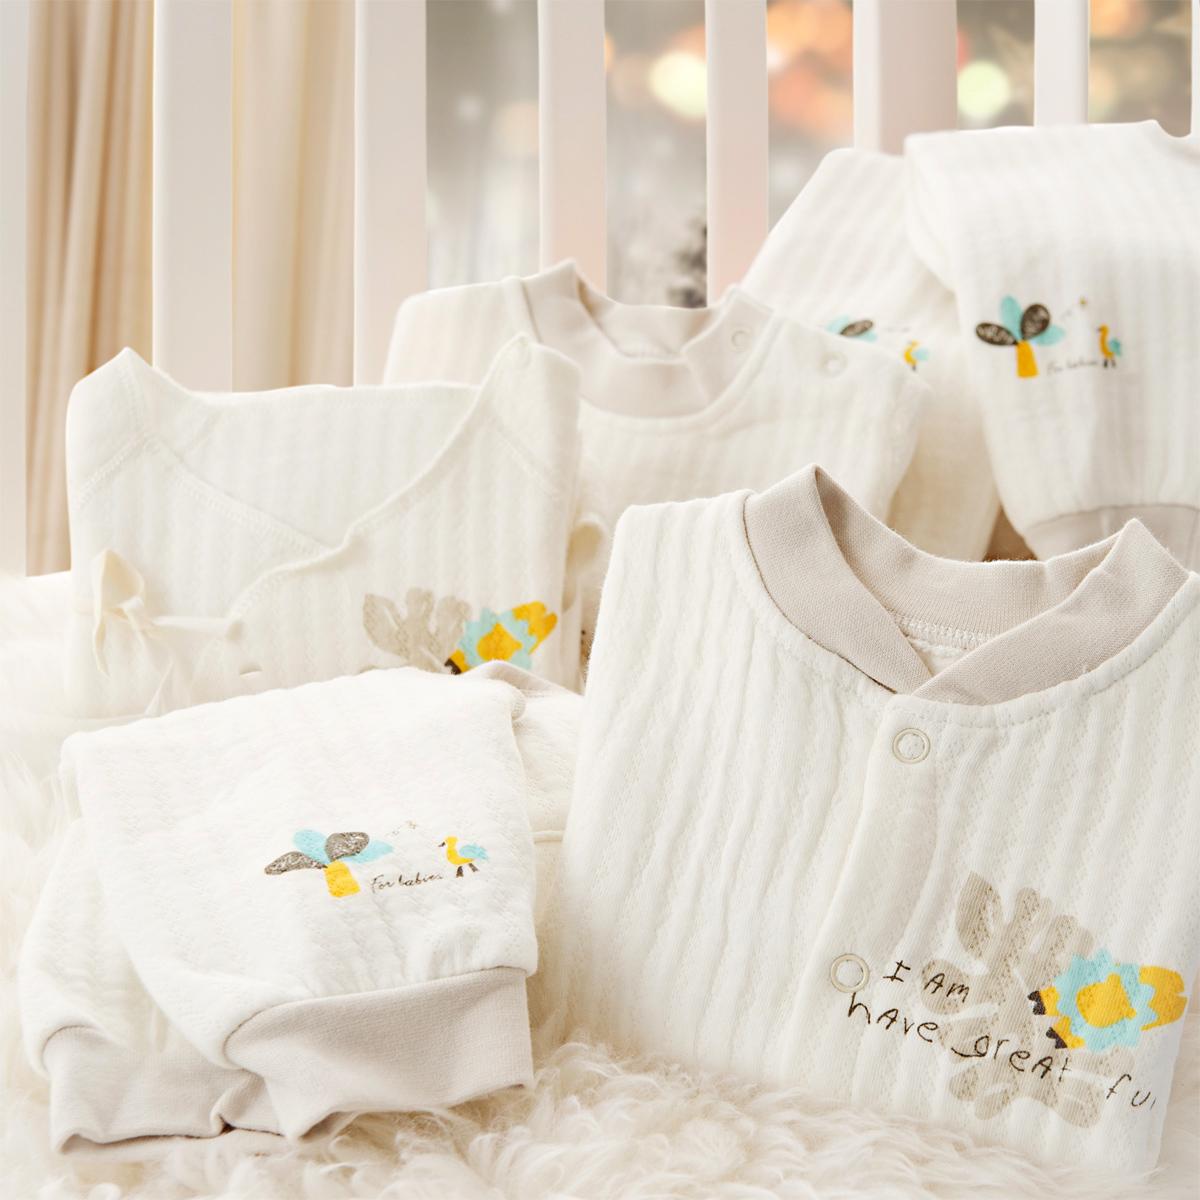 Пи Ruoqiao осень/зима Упакованные детей белье хлопок Детские Одежда новорожденного 0 месяцев 1-3 тепло